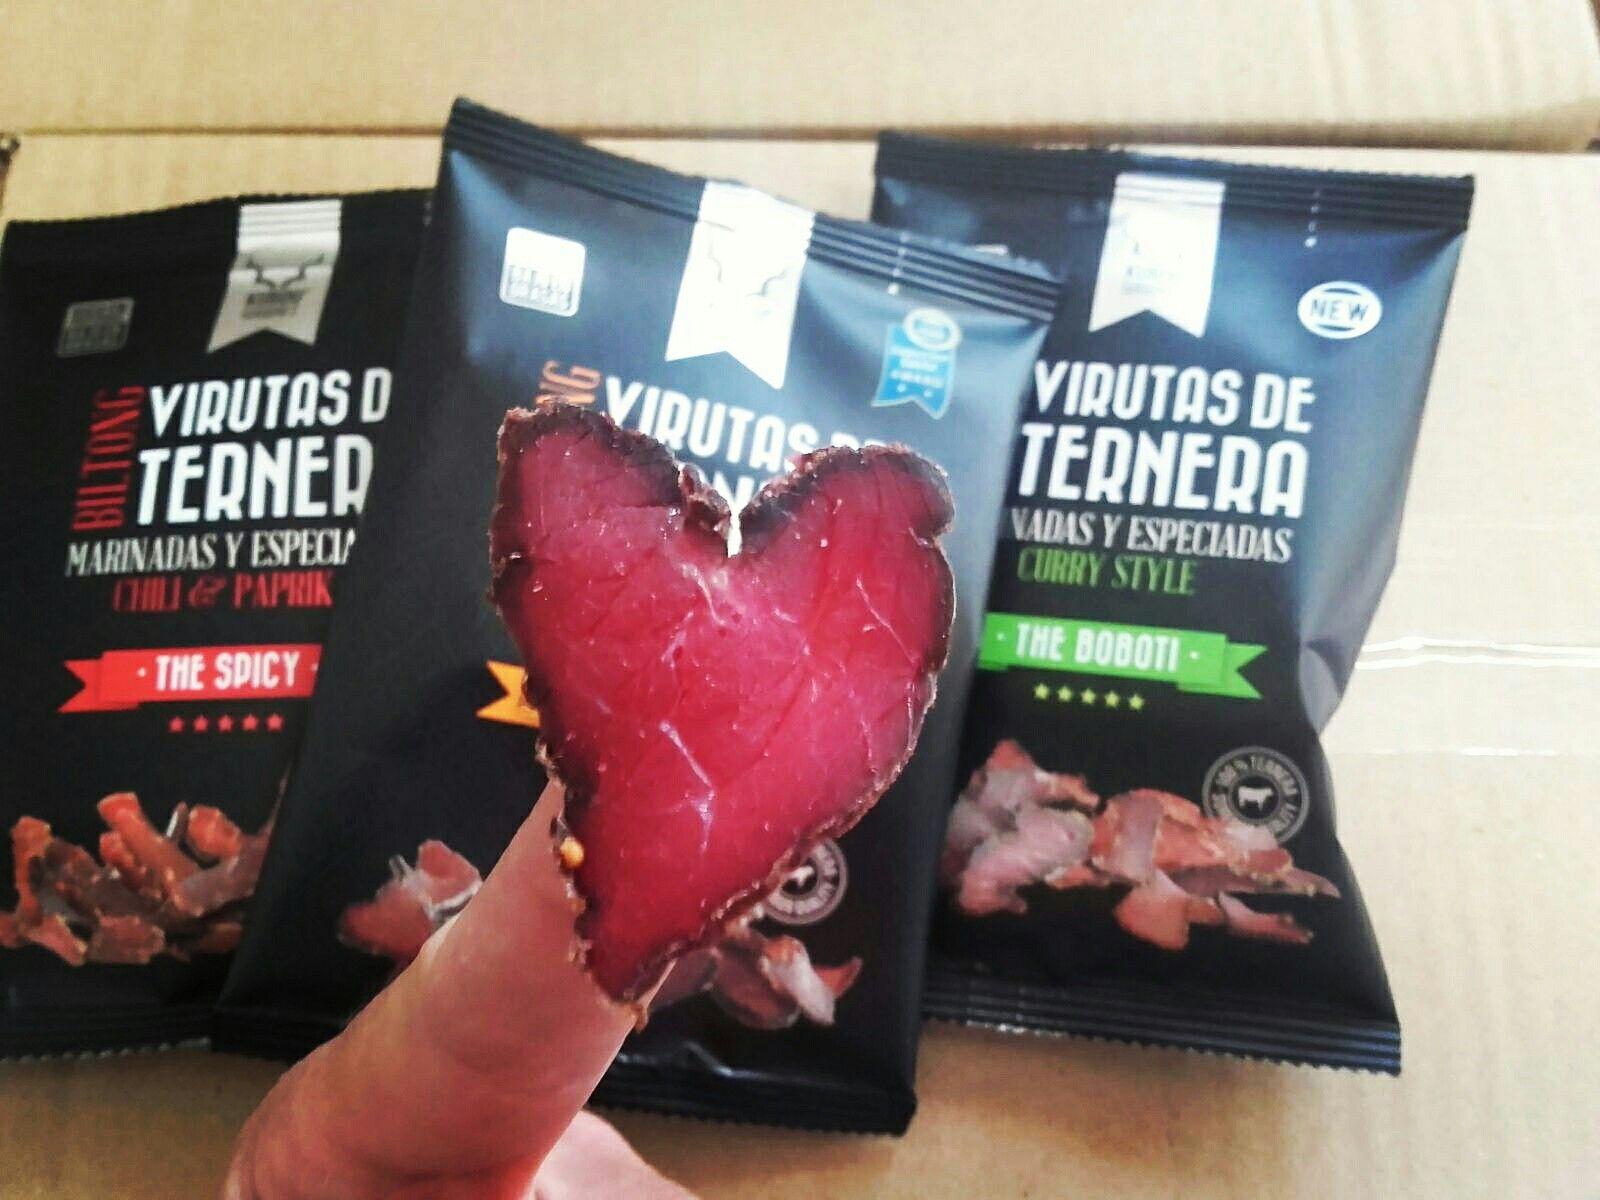 PASION POR EL BILTONG Nuestras selectas #virutasdeternera #mediterraneo #Kubdu #biltong son pura pasion.  Cada corte es unico en funcion del tamaño, corte y grosor de la pieza / bistec. Y a veces te encuentras sorpresas como este intenso corazon. Dedicado a todos nuestros fans, una señal inequivoca del amor intenso que le ponemos y de lo saludable que es el producto :) #health #heart #saludable #corazon #love #taste#special #unique #veal #madeinbarcelona